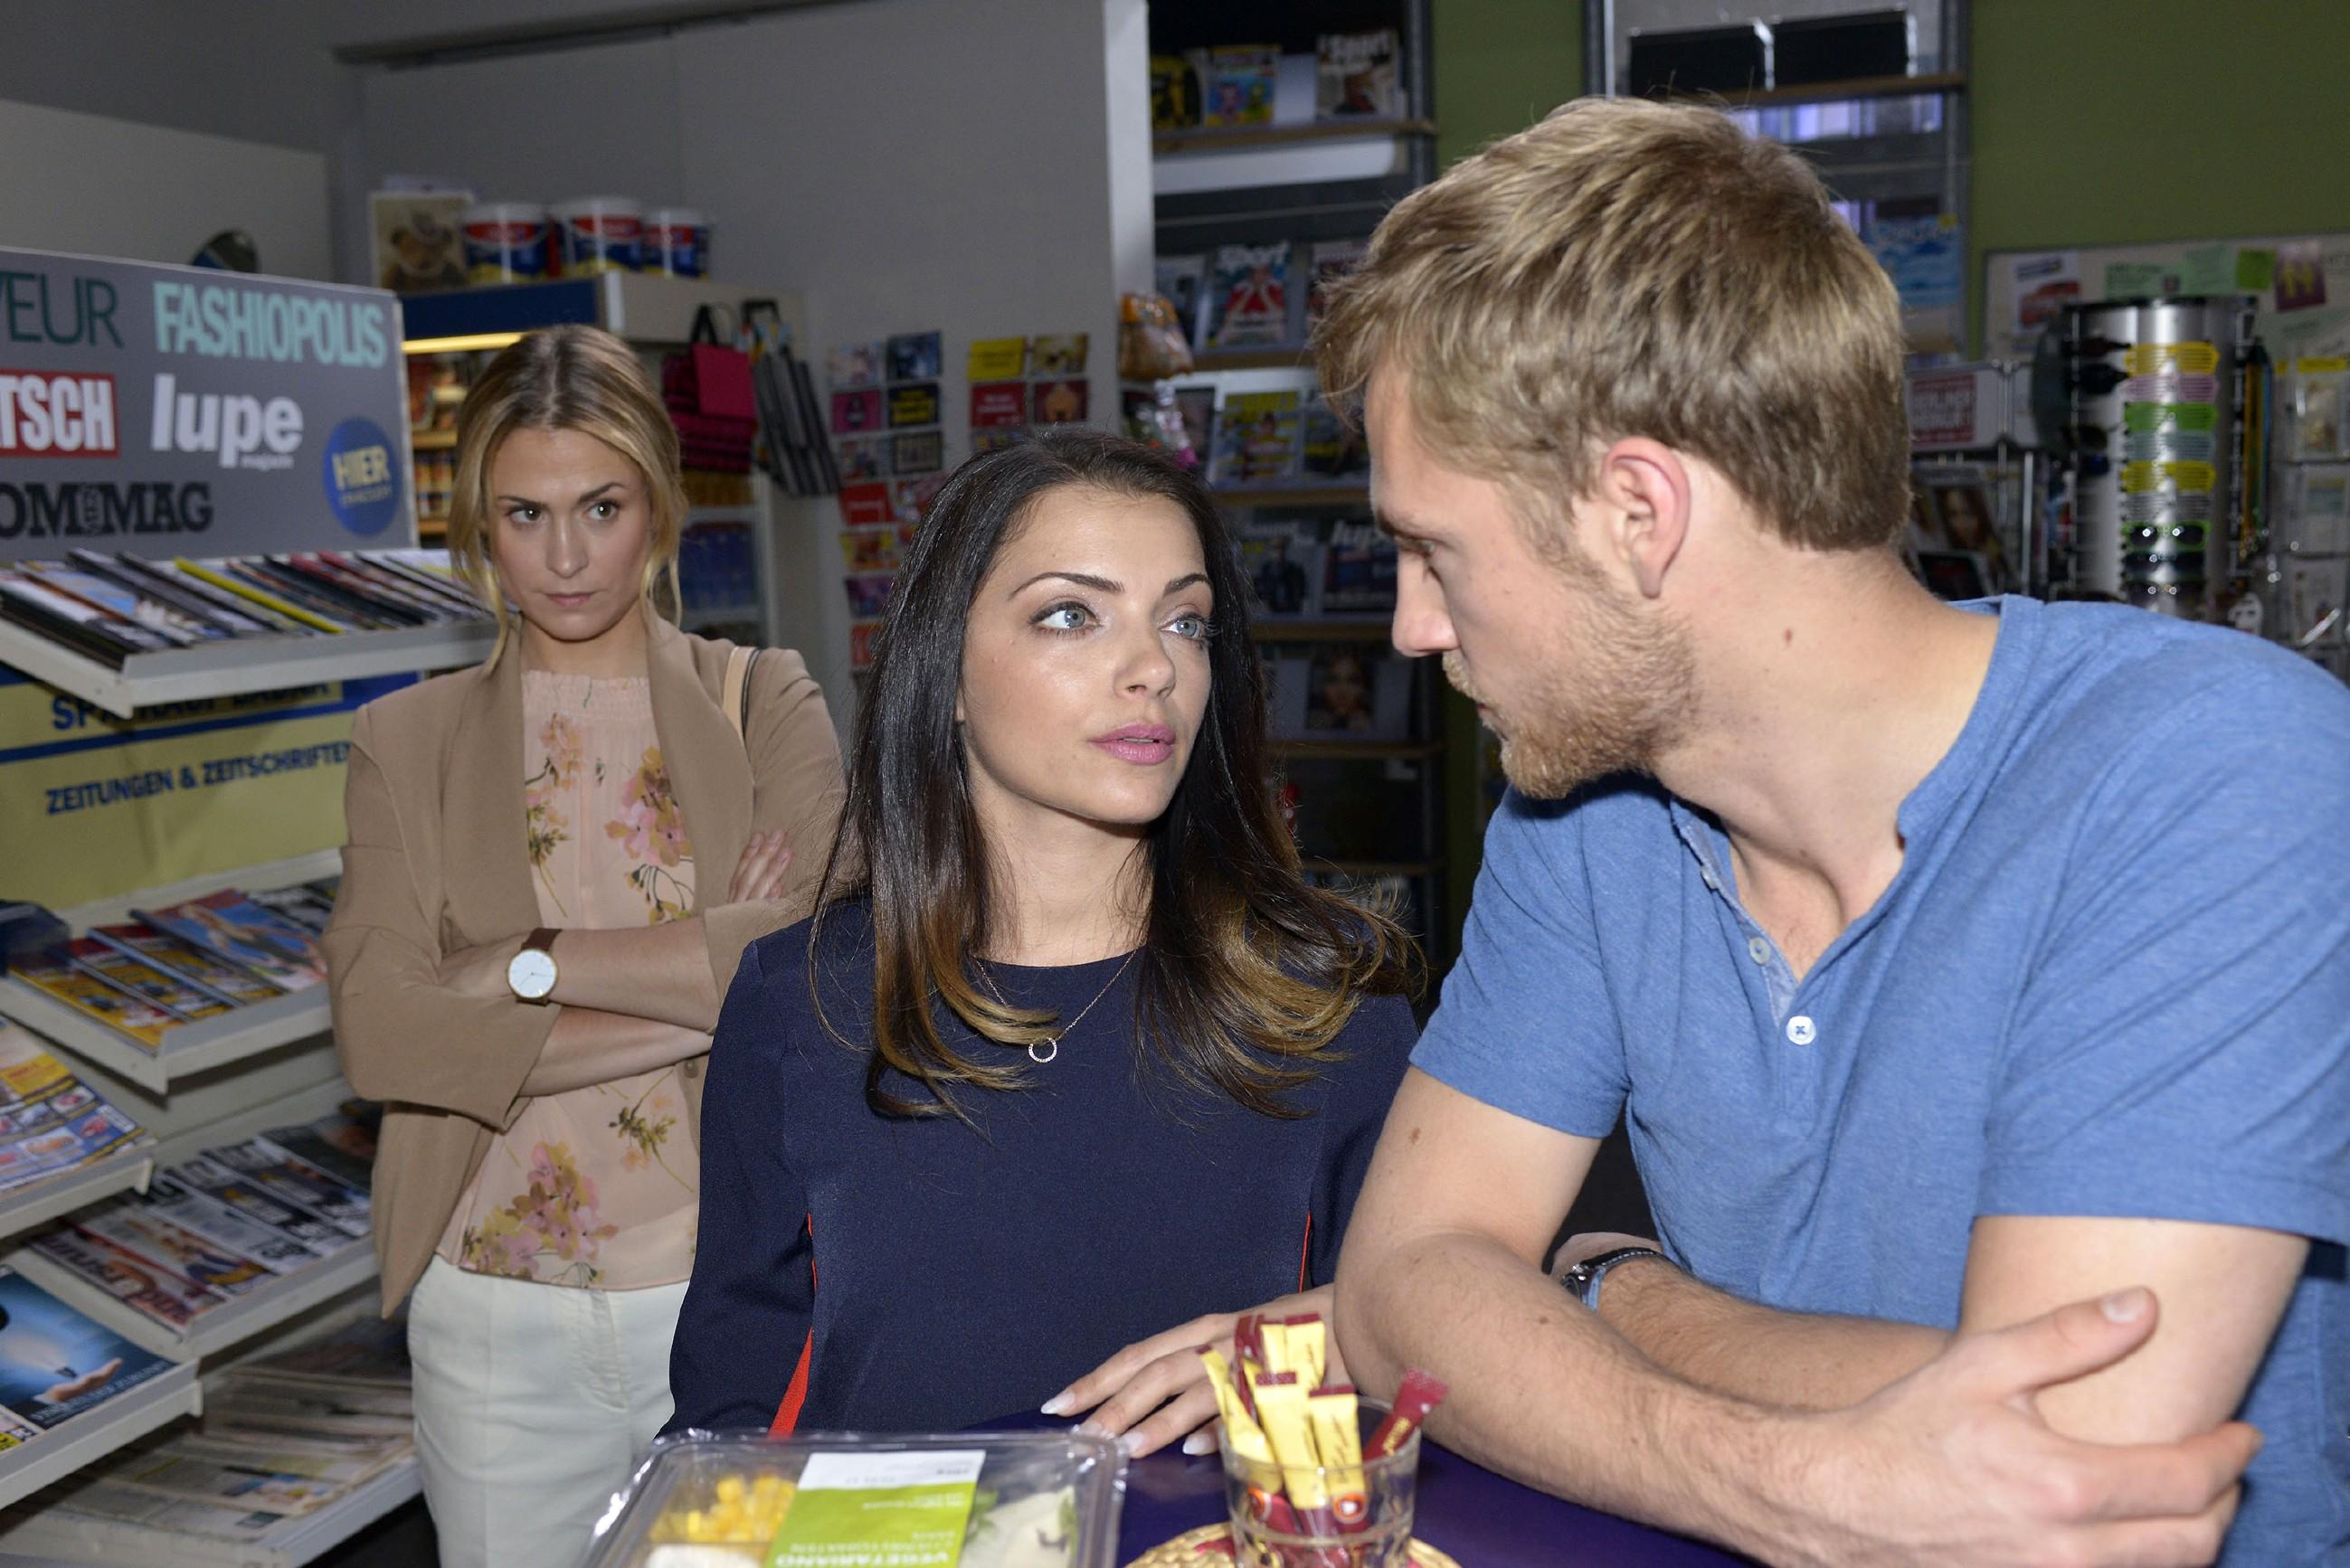 Sophie (Lea Marlen Woitack, l.) bekommt mit, dass Emily (Anne Menden) im Gespräch mit Paul (Niklas Osterloh) über den neuen Designer lästert. (Quelle: RTL / Rolf Baumgartner)